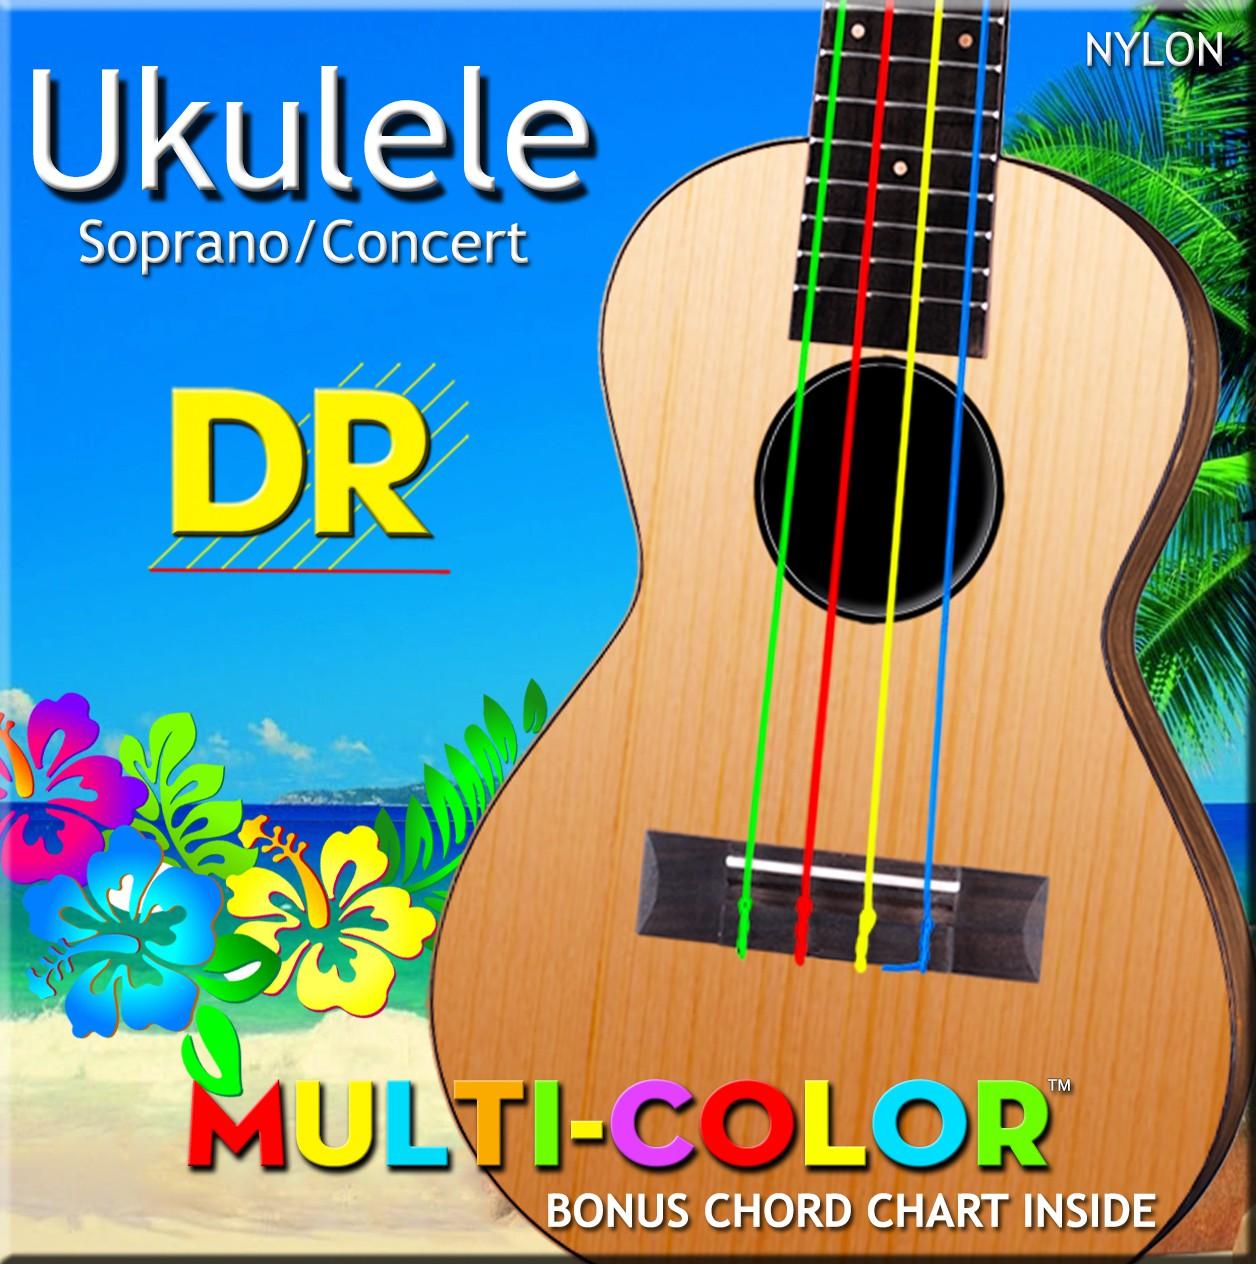 DR MULTI-COLOR - UMCSC - struny do ukulele Set, Sopran & Concert, High-G